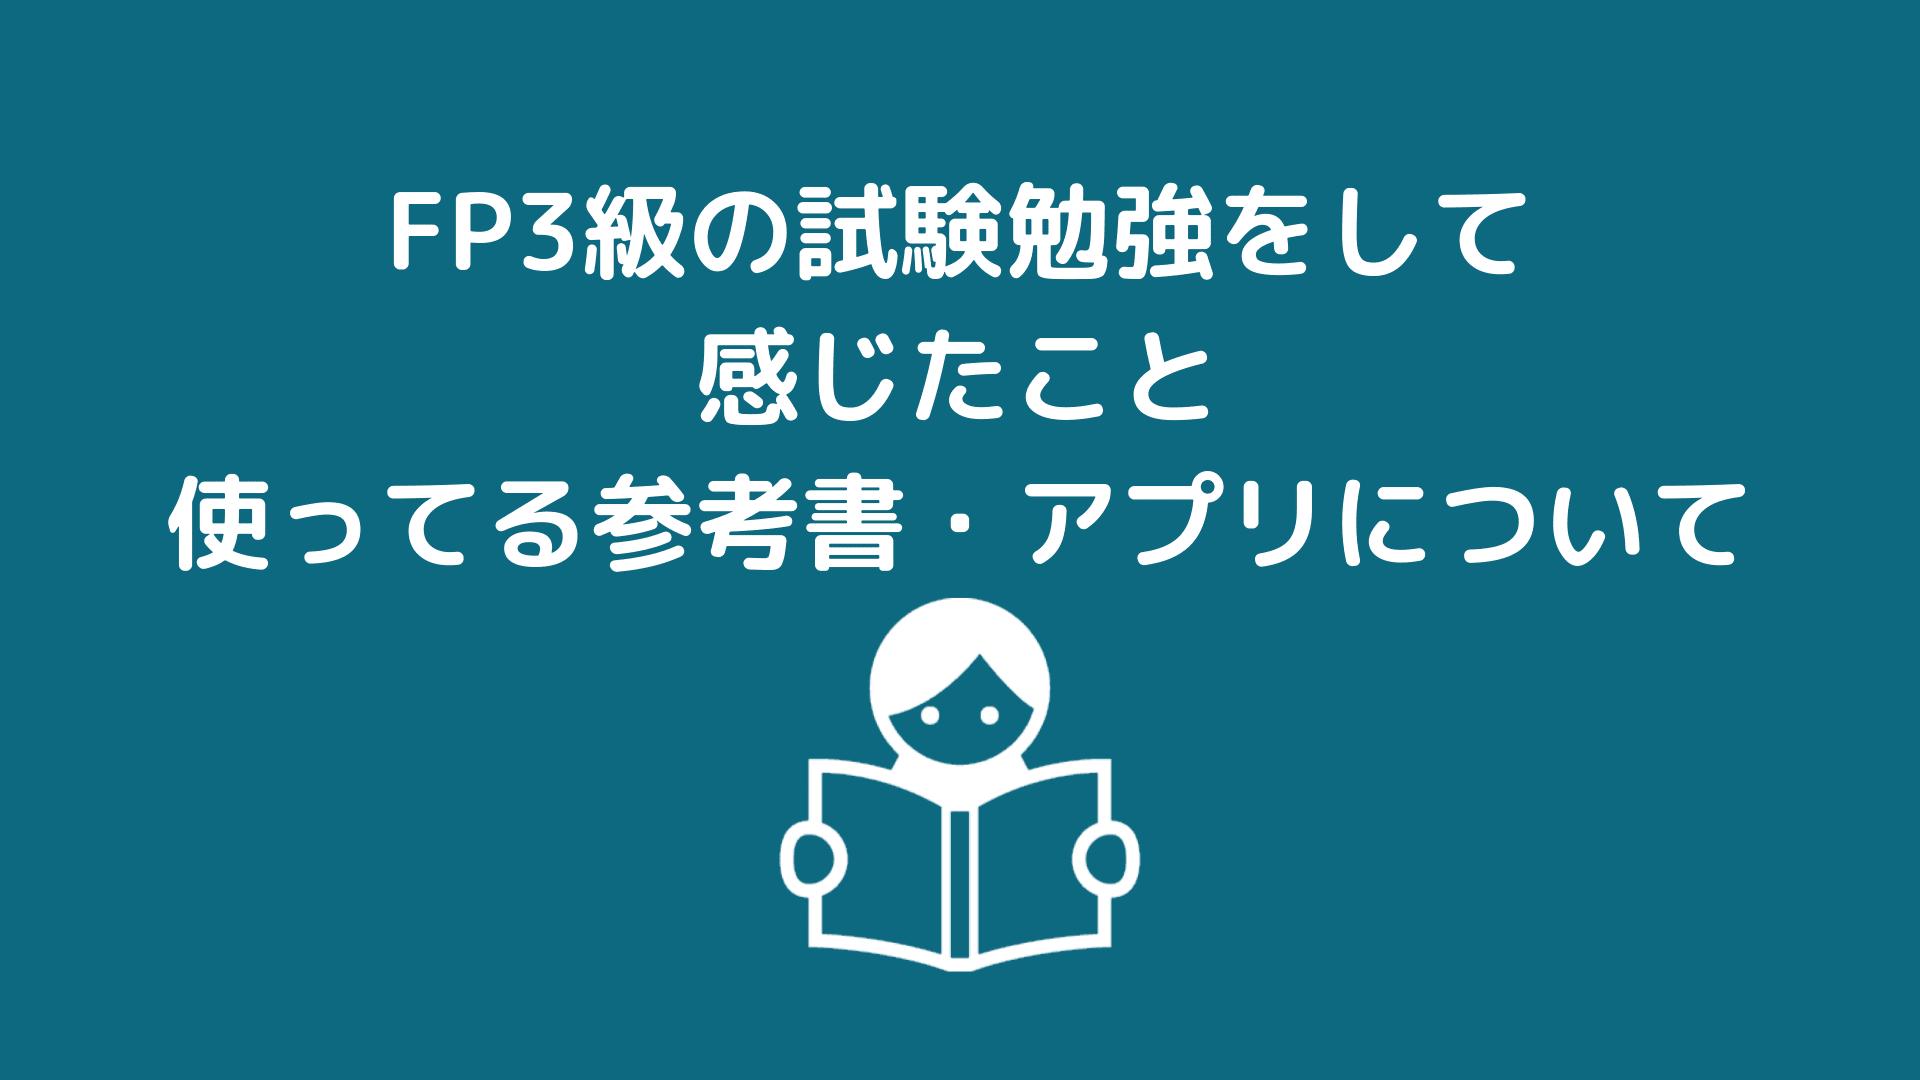 FP3級の試験勉強をして感じたこと・使ってる参考書・アプリについて